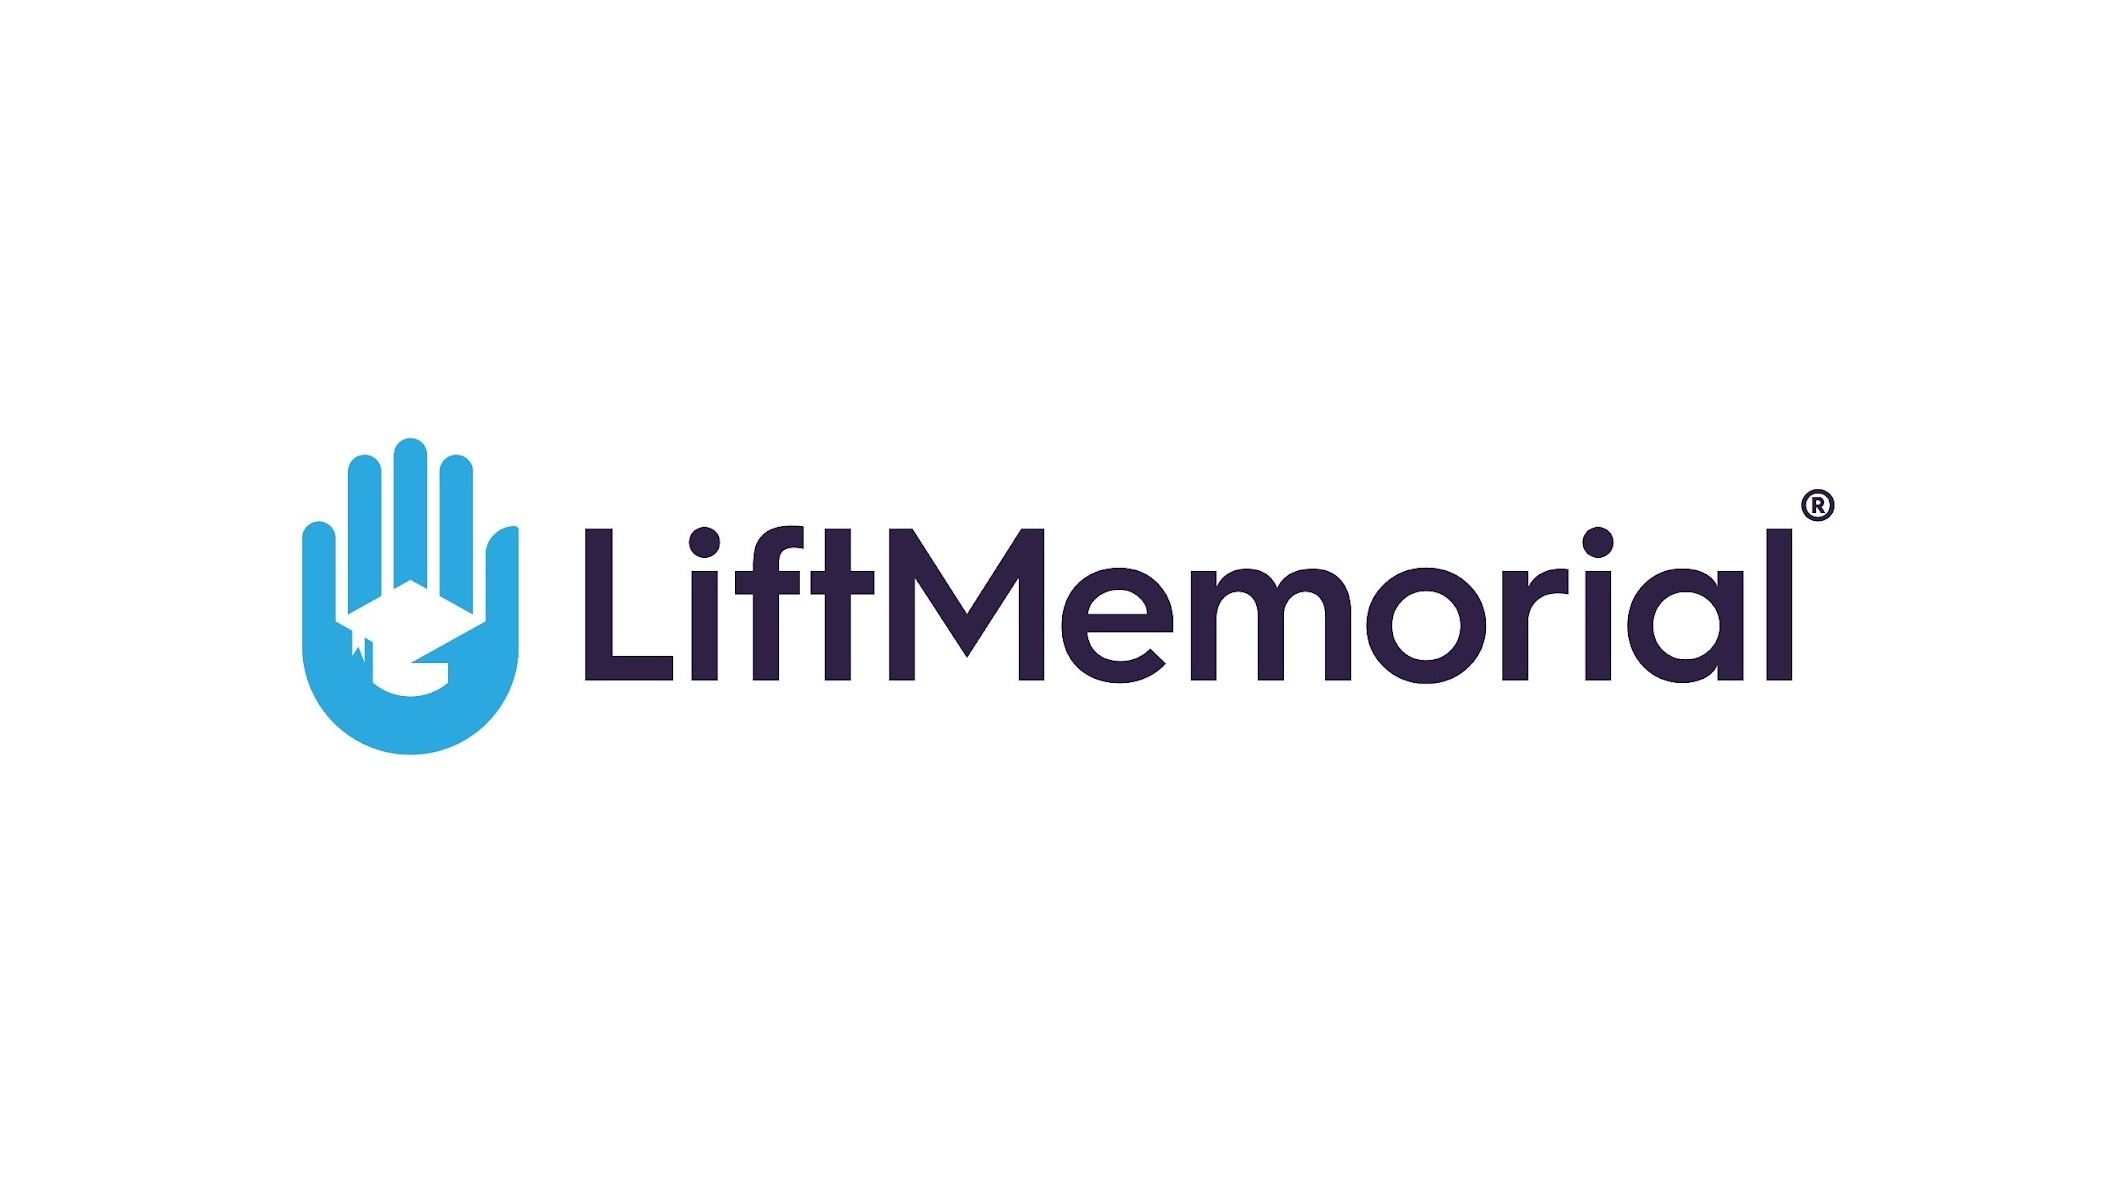 Lift Memorial